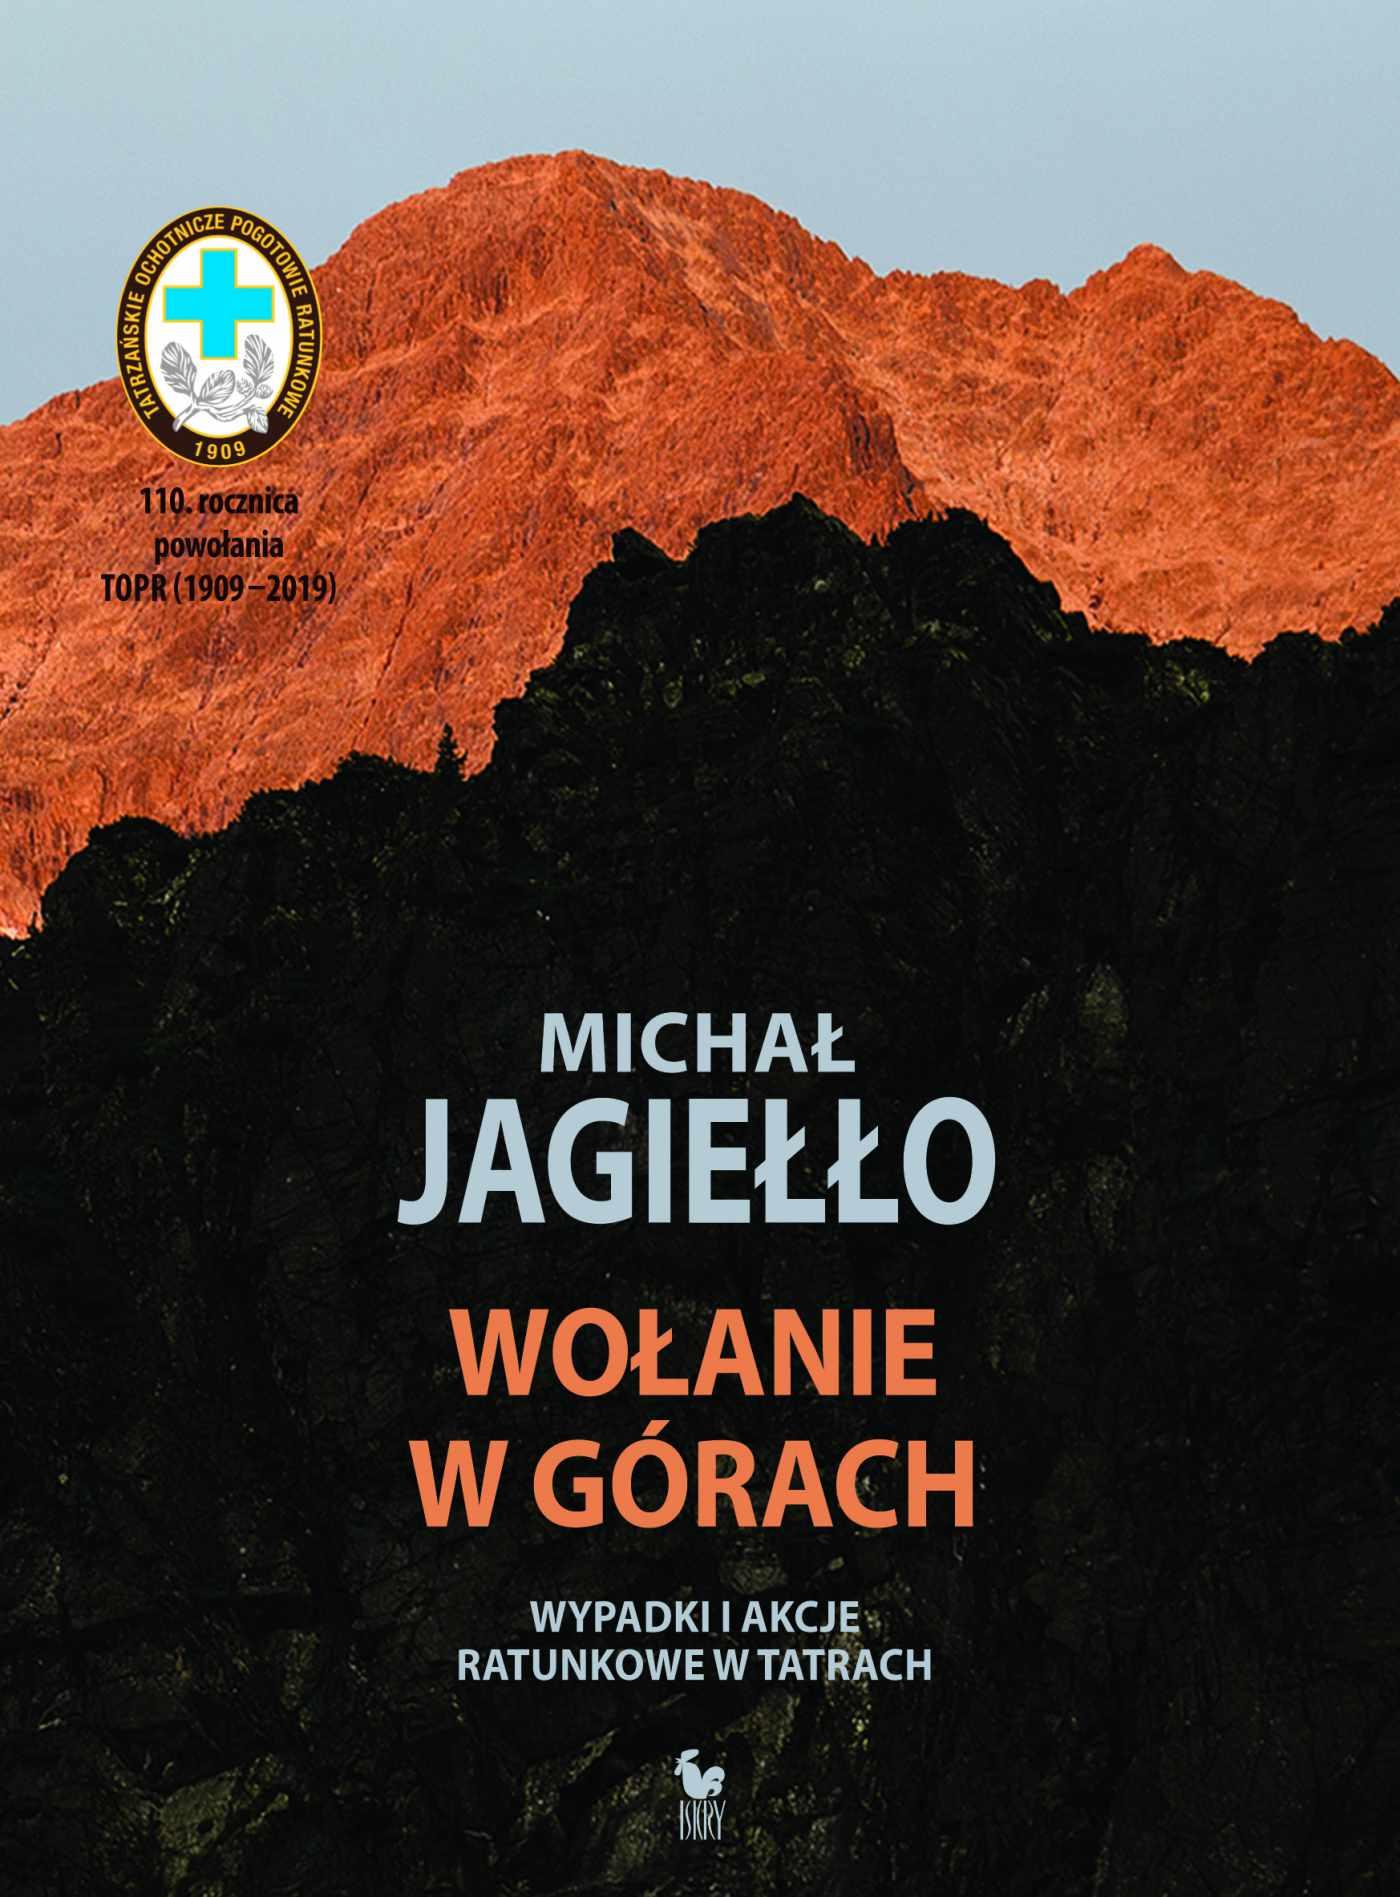 Wołanie w górach. Wypadki i akcje ratunkowe w Tatrach - Ebook (Książka EPUB) do pobrania w formacie EPUB